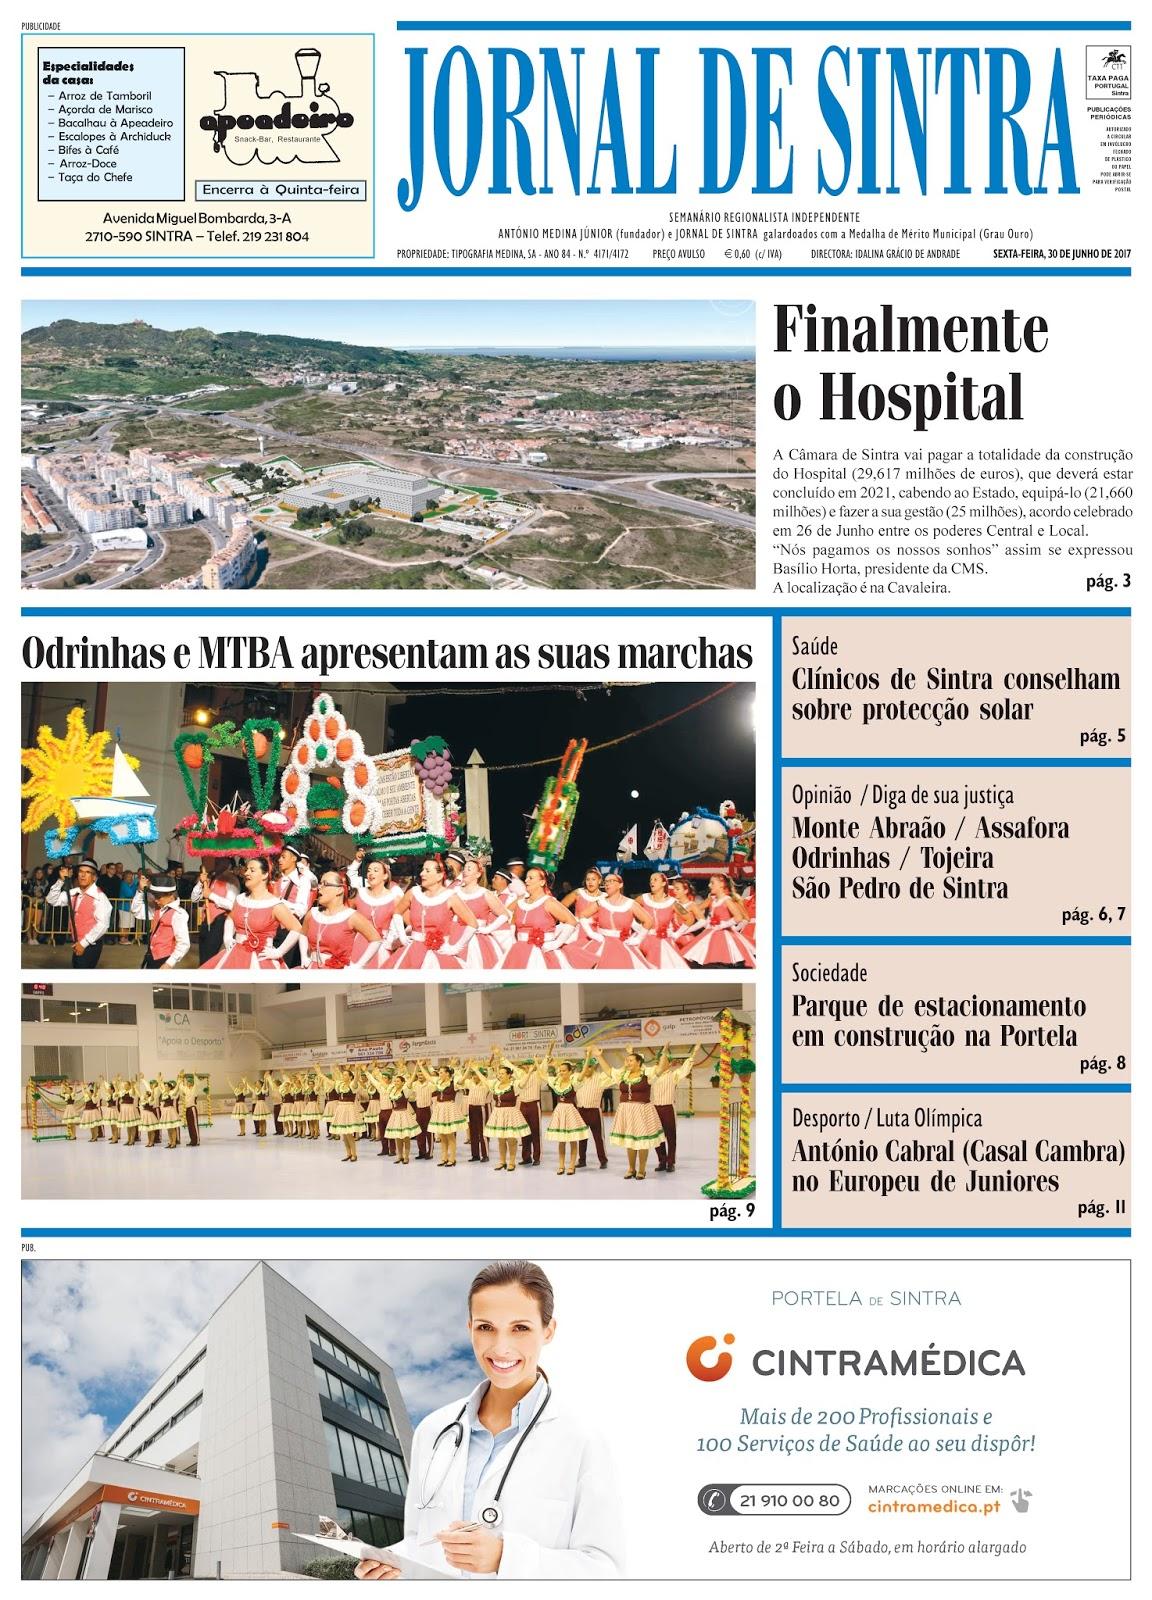 Capa da edição de 30-06-2017